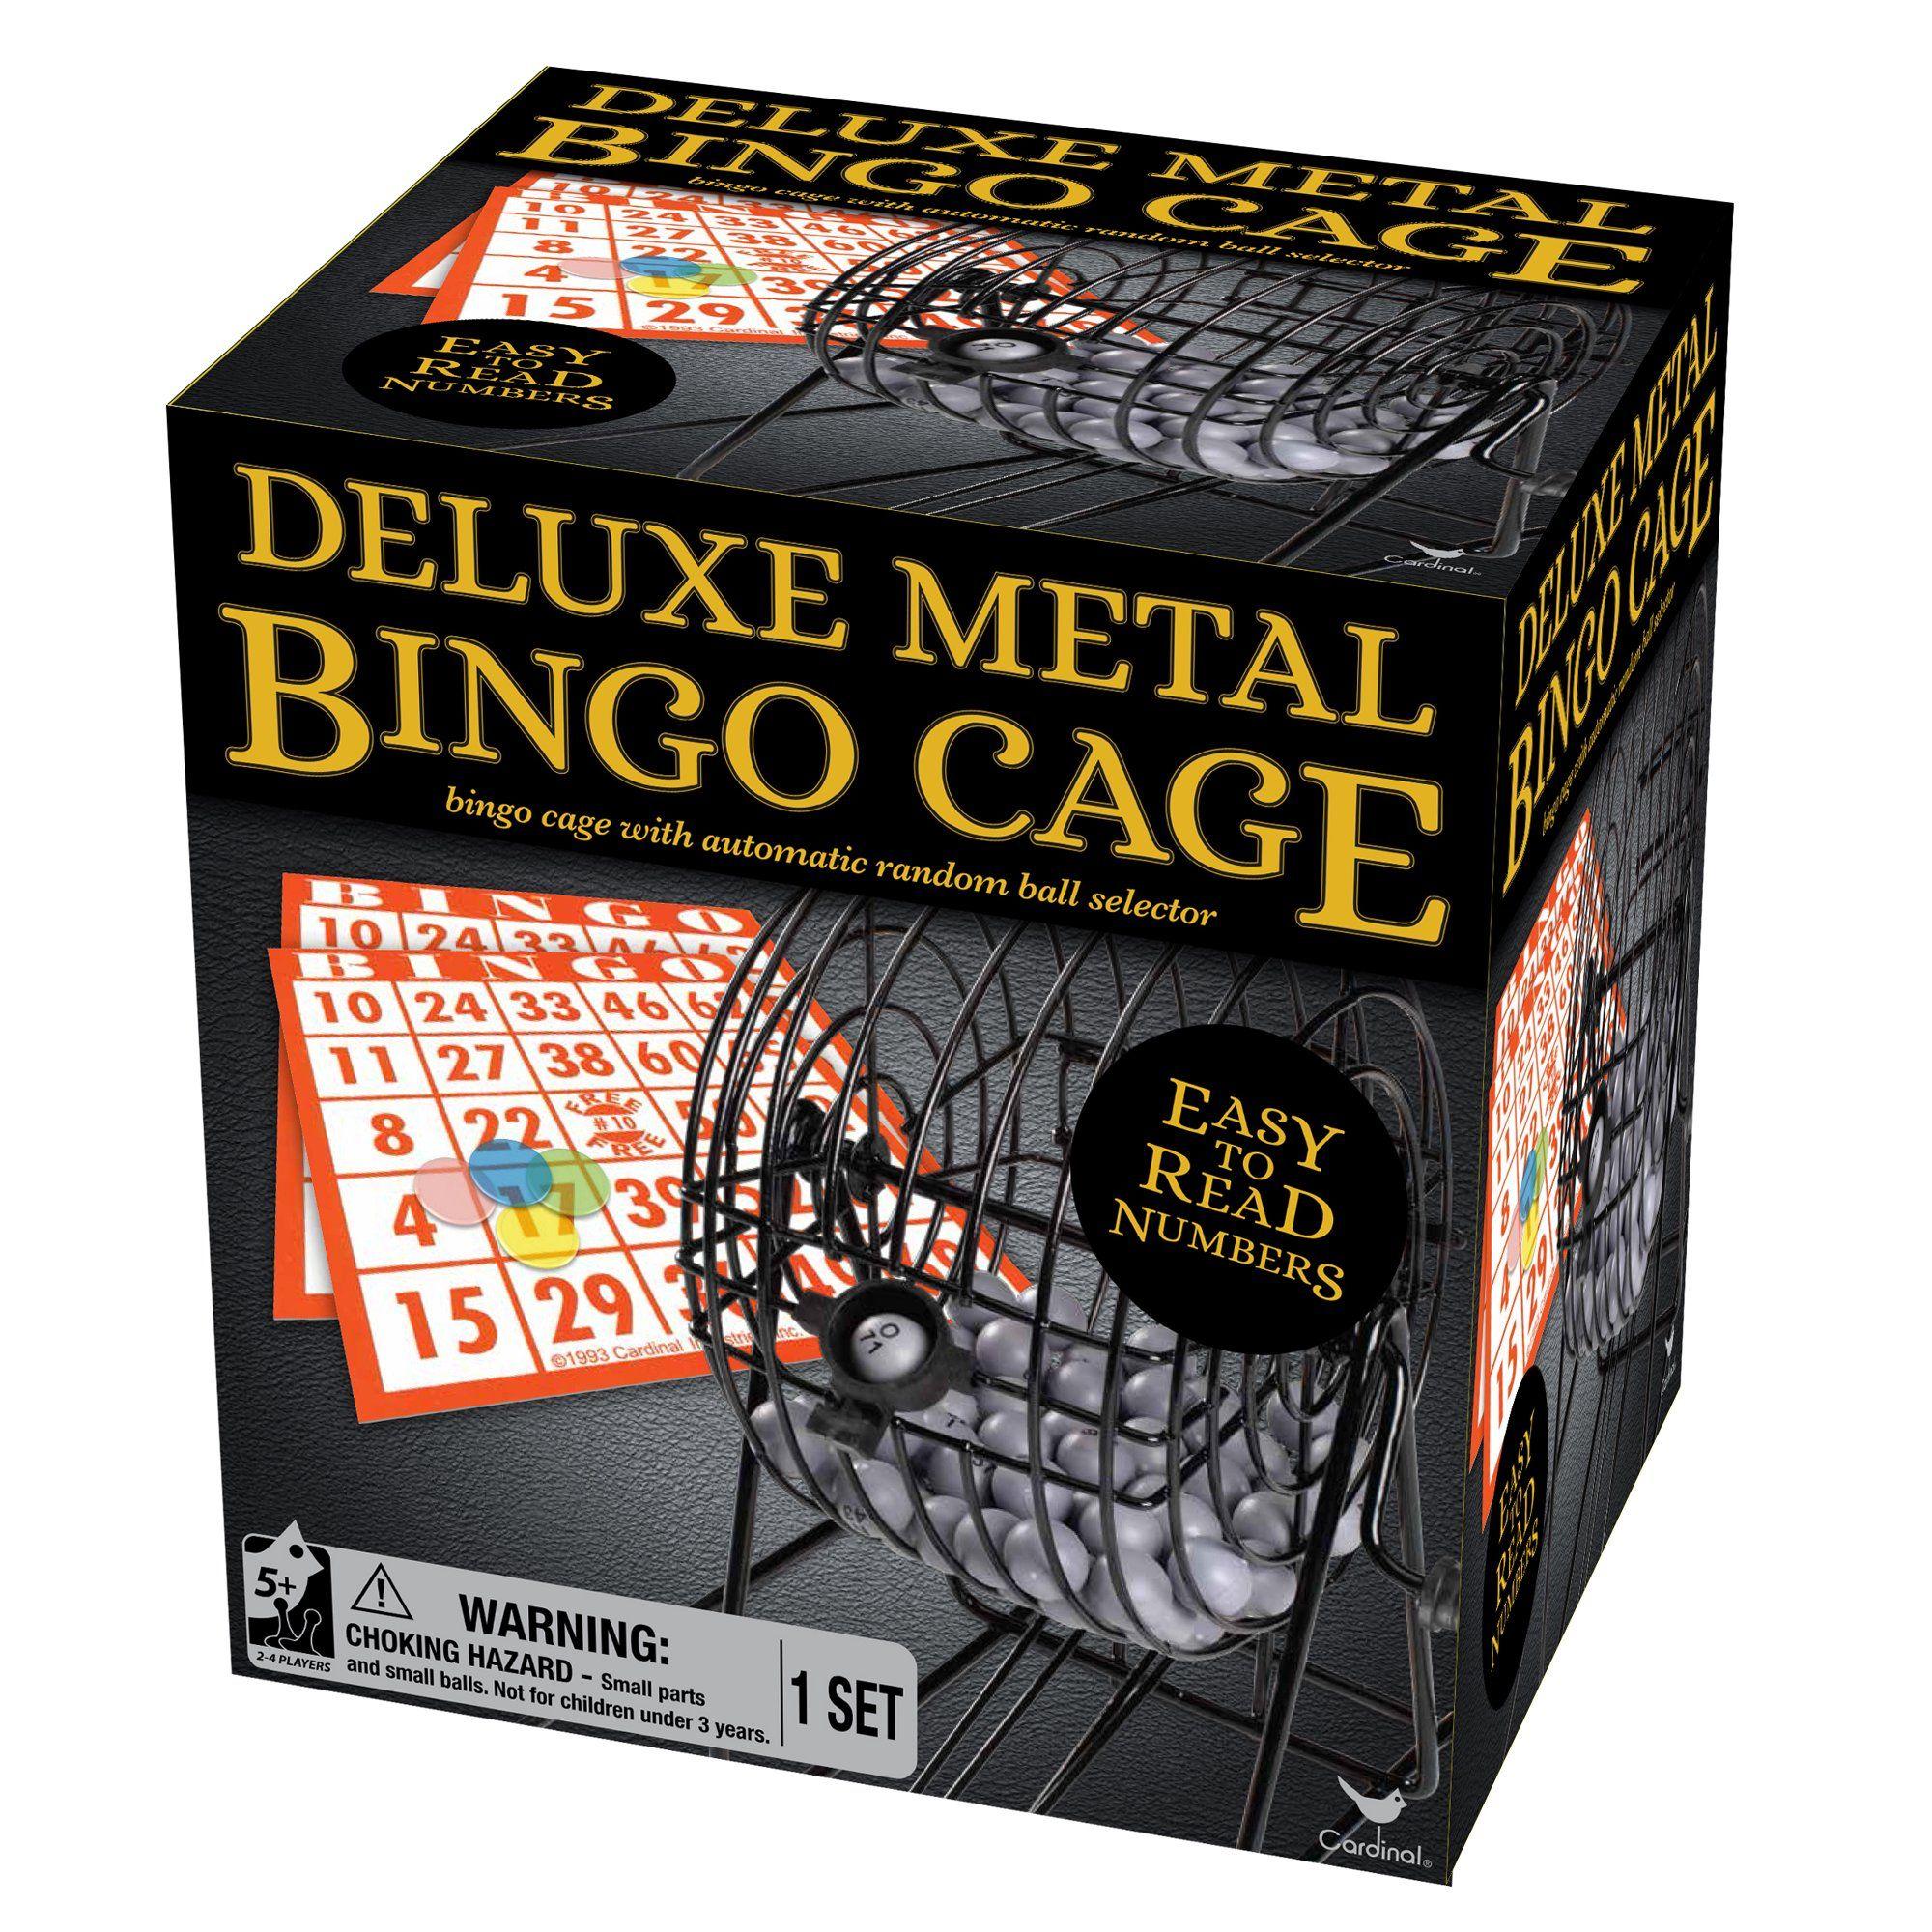 Deluxe metal bingo cage set in 2020 bingo